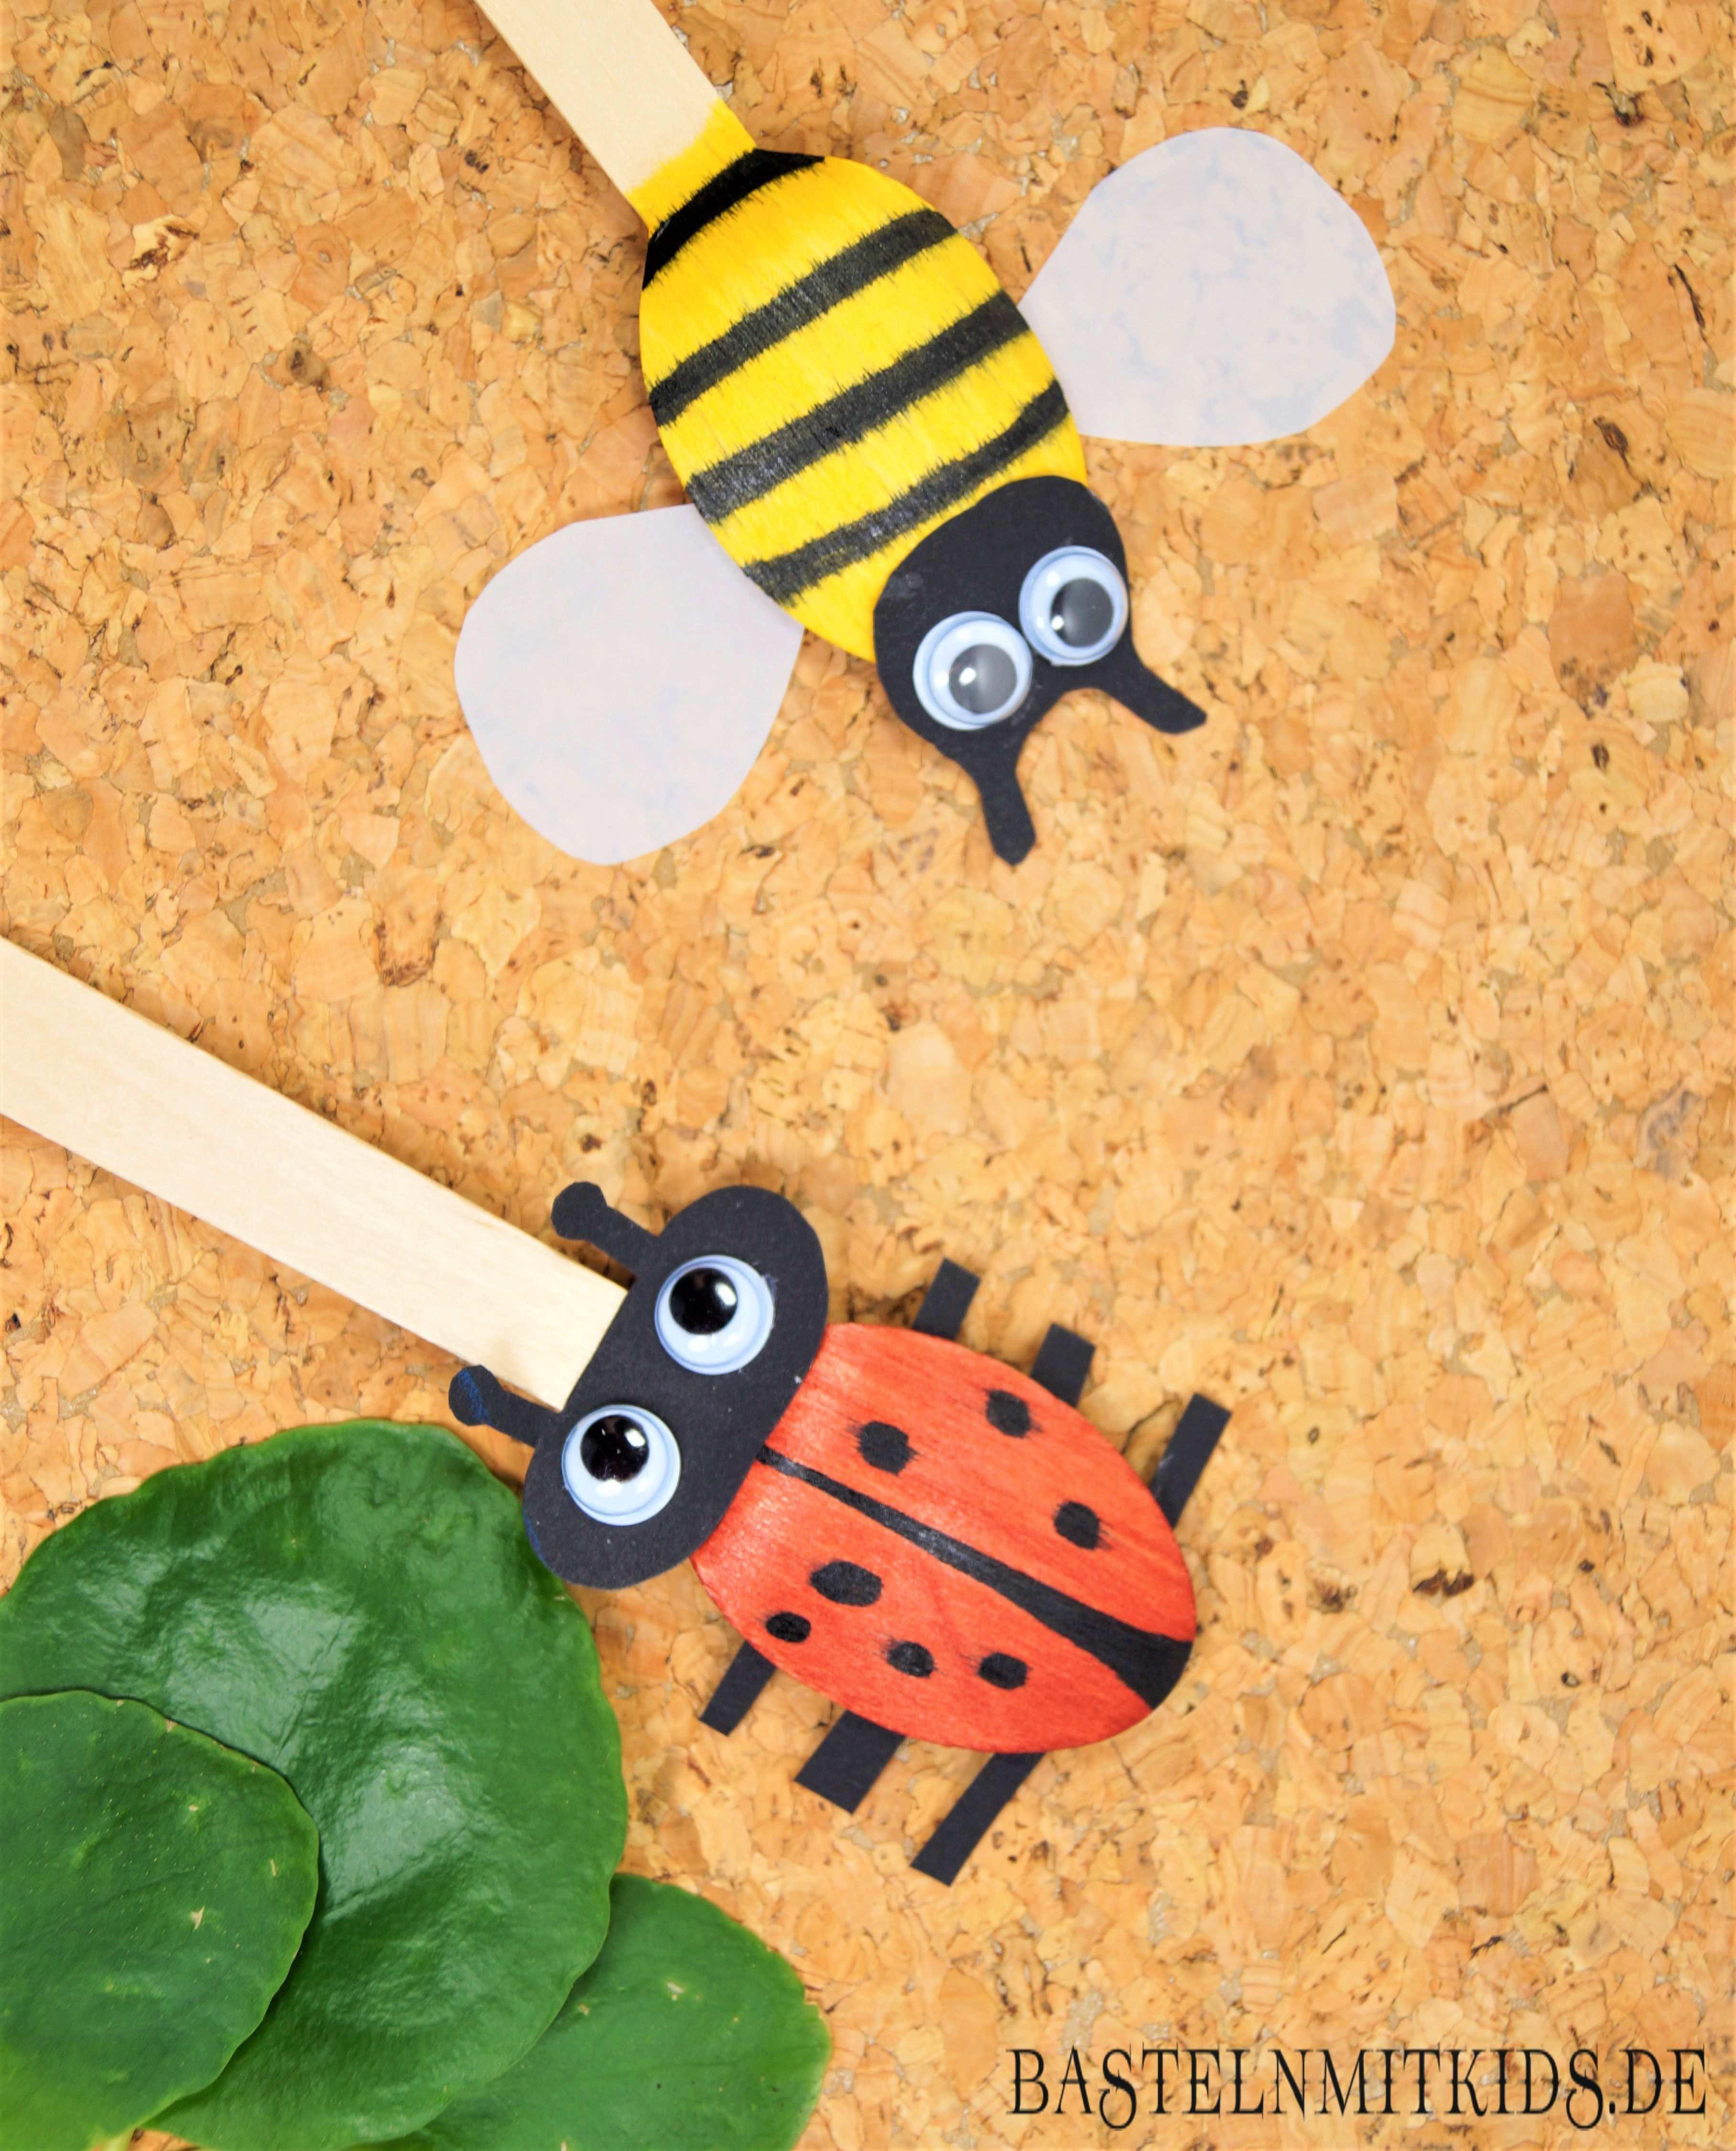 Bienen Basteln Mit Kindern Bastelnmitkids Bienen Basteln Basteln Mit Kindern Holzloffel Basteln